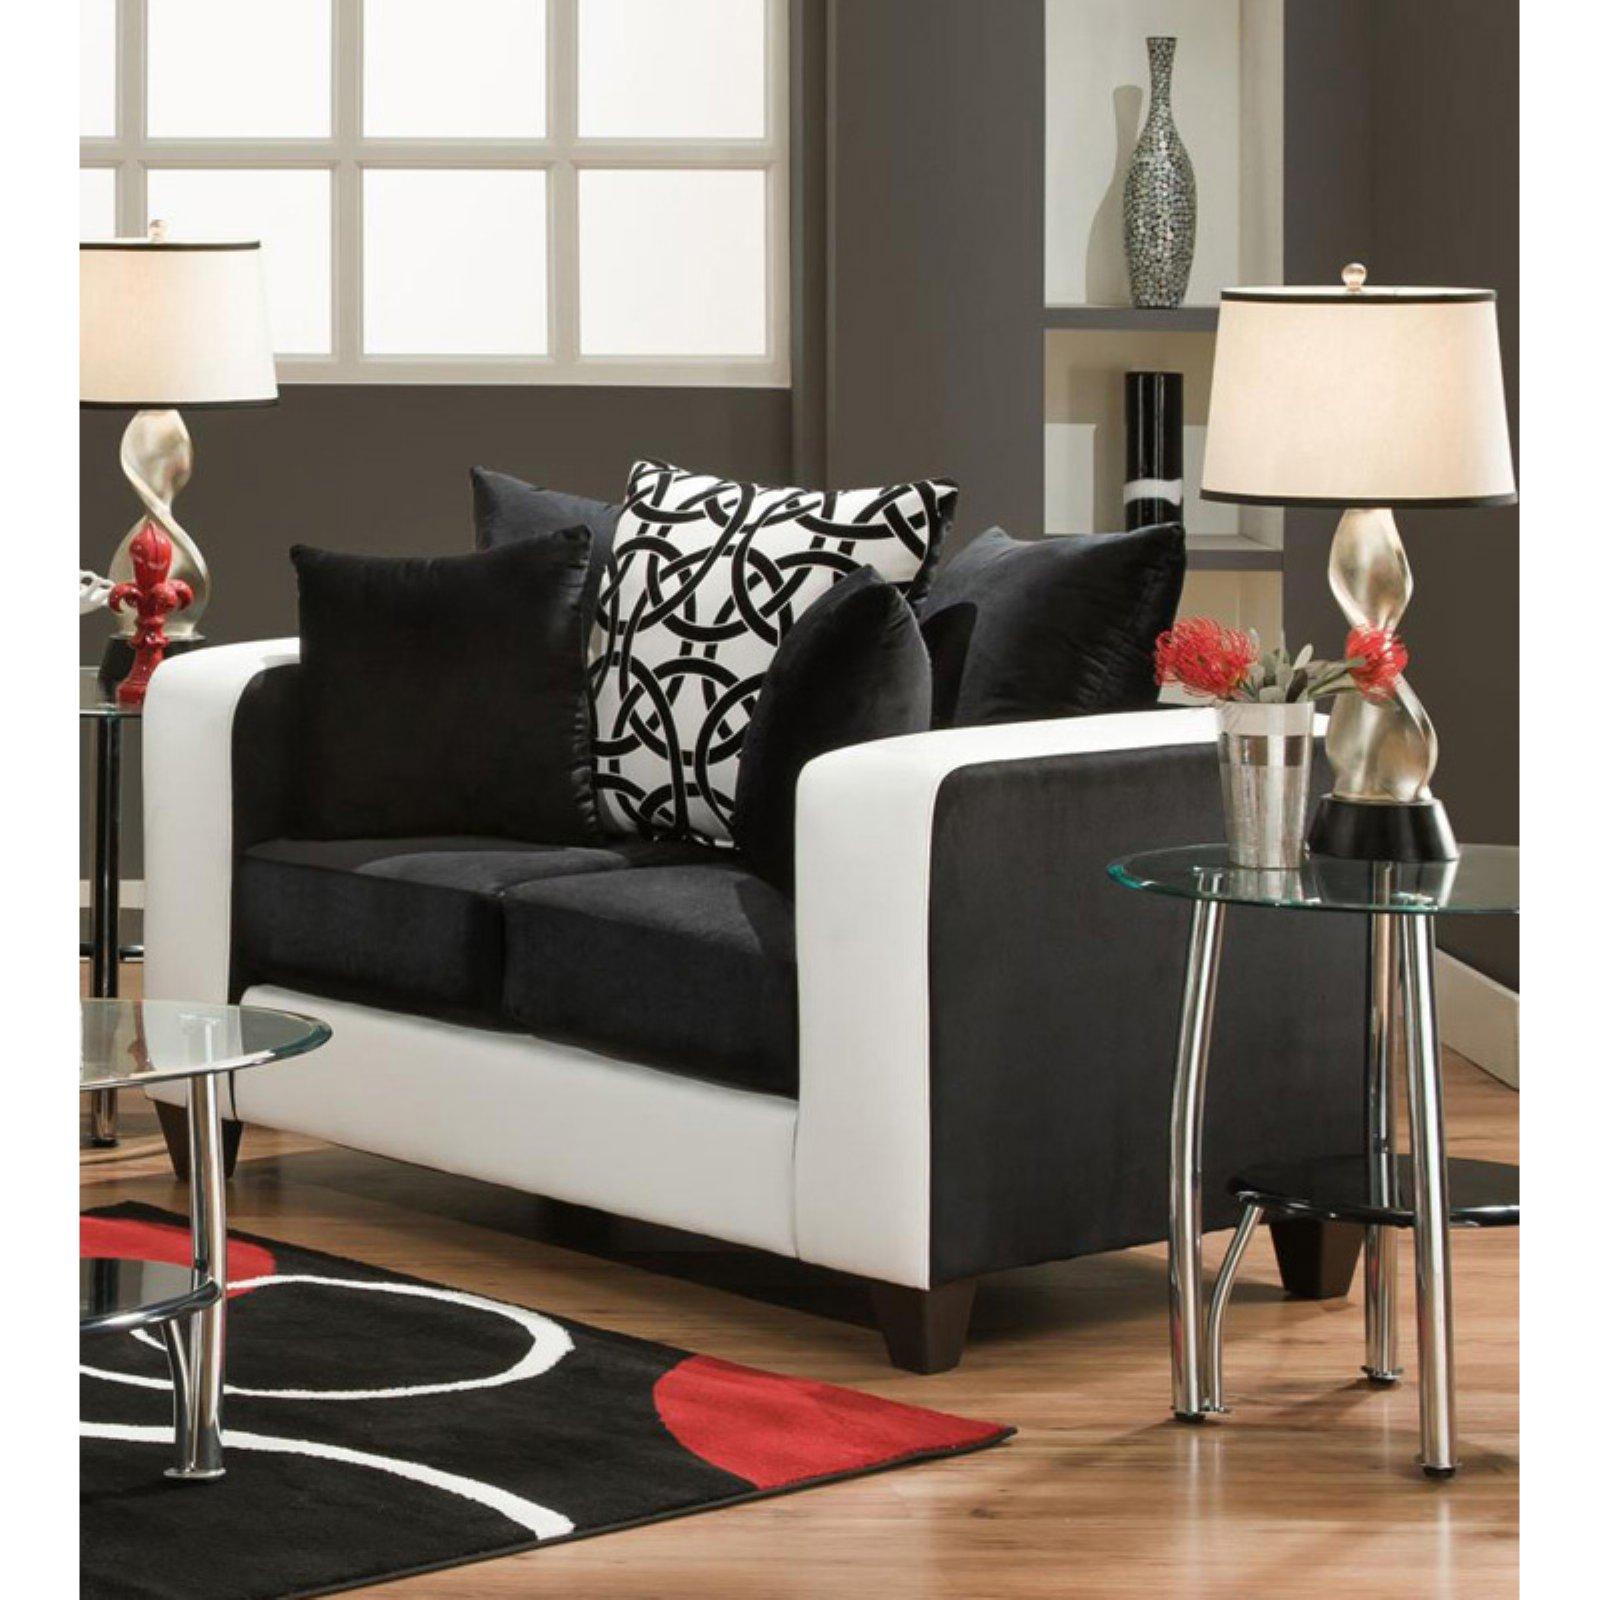 Chelsea Home Furniture Emboss Loveseat